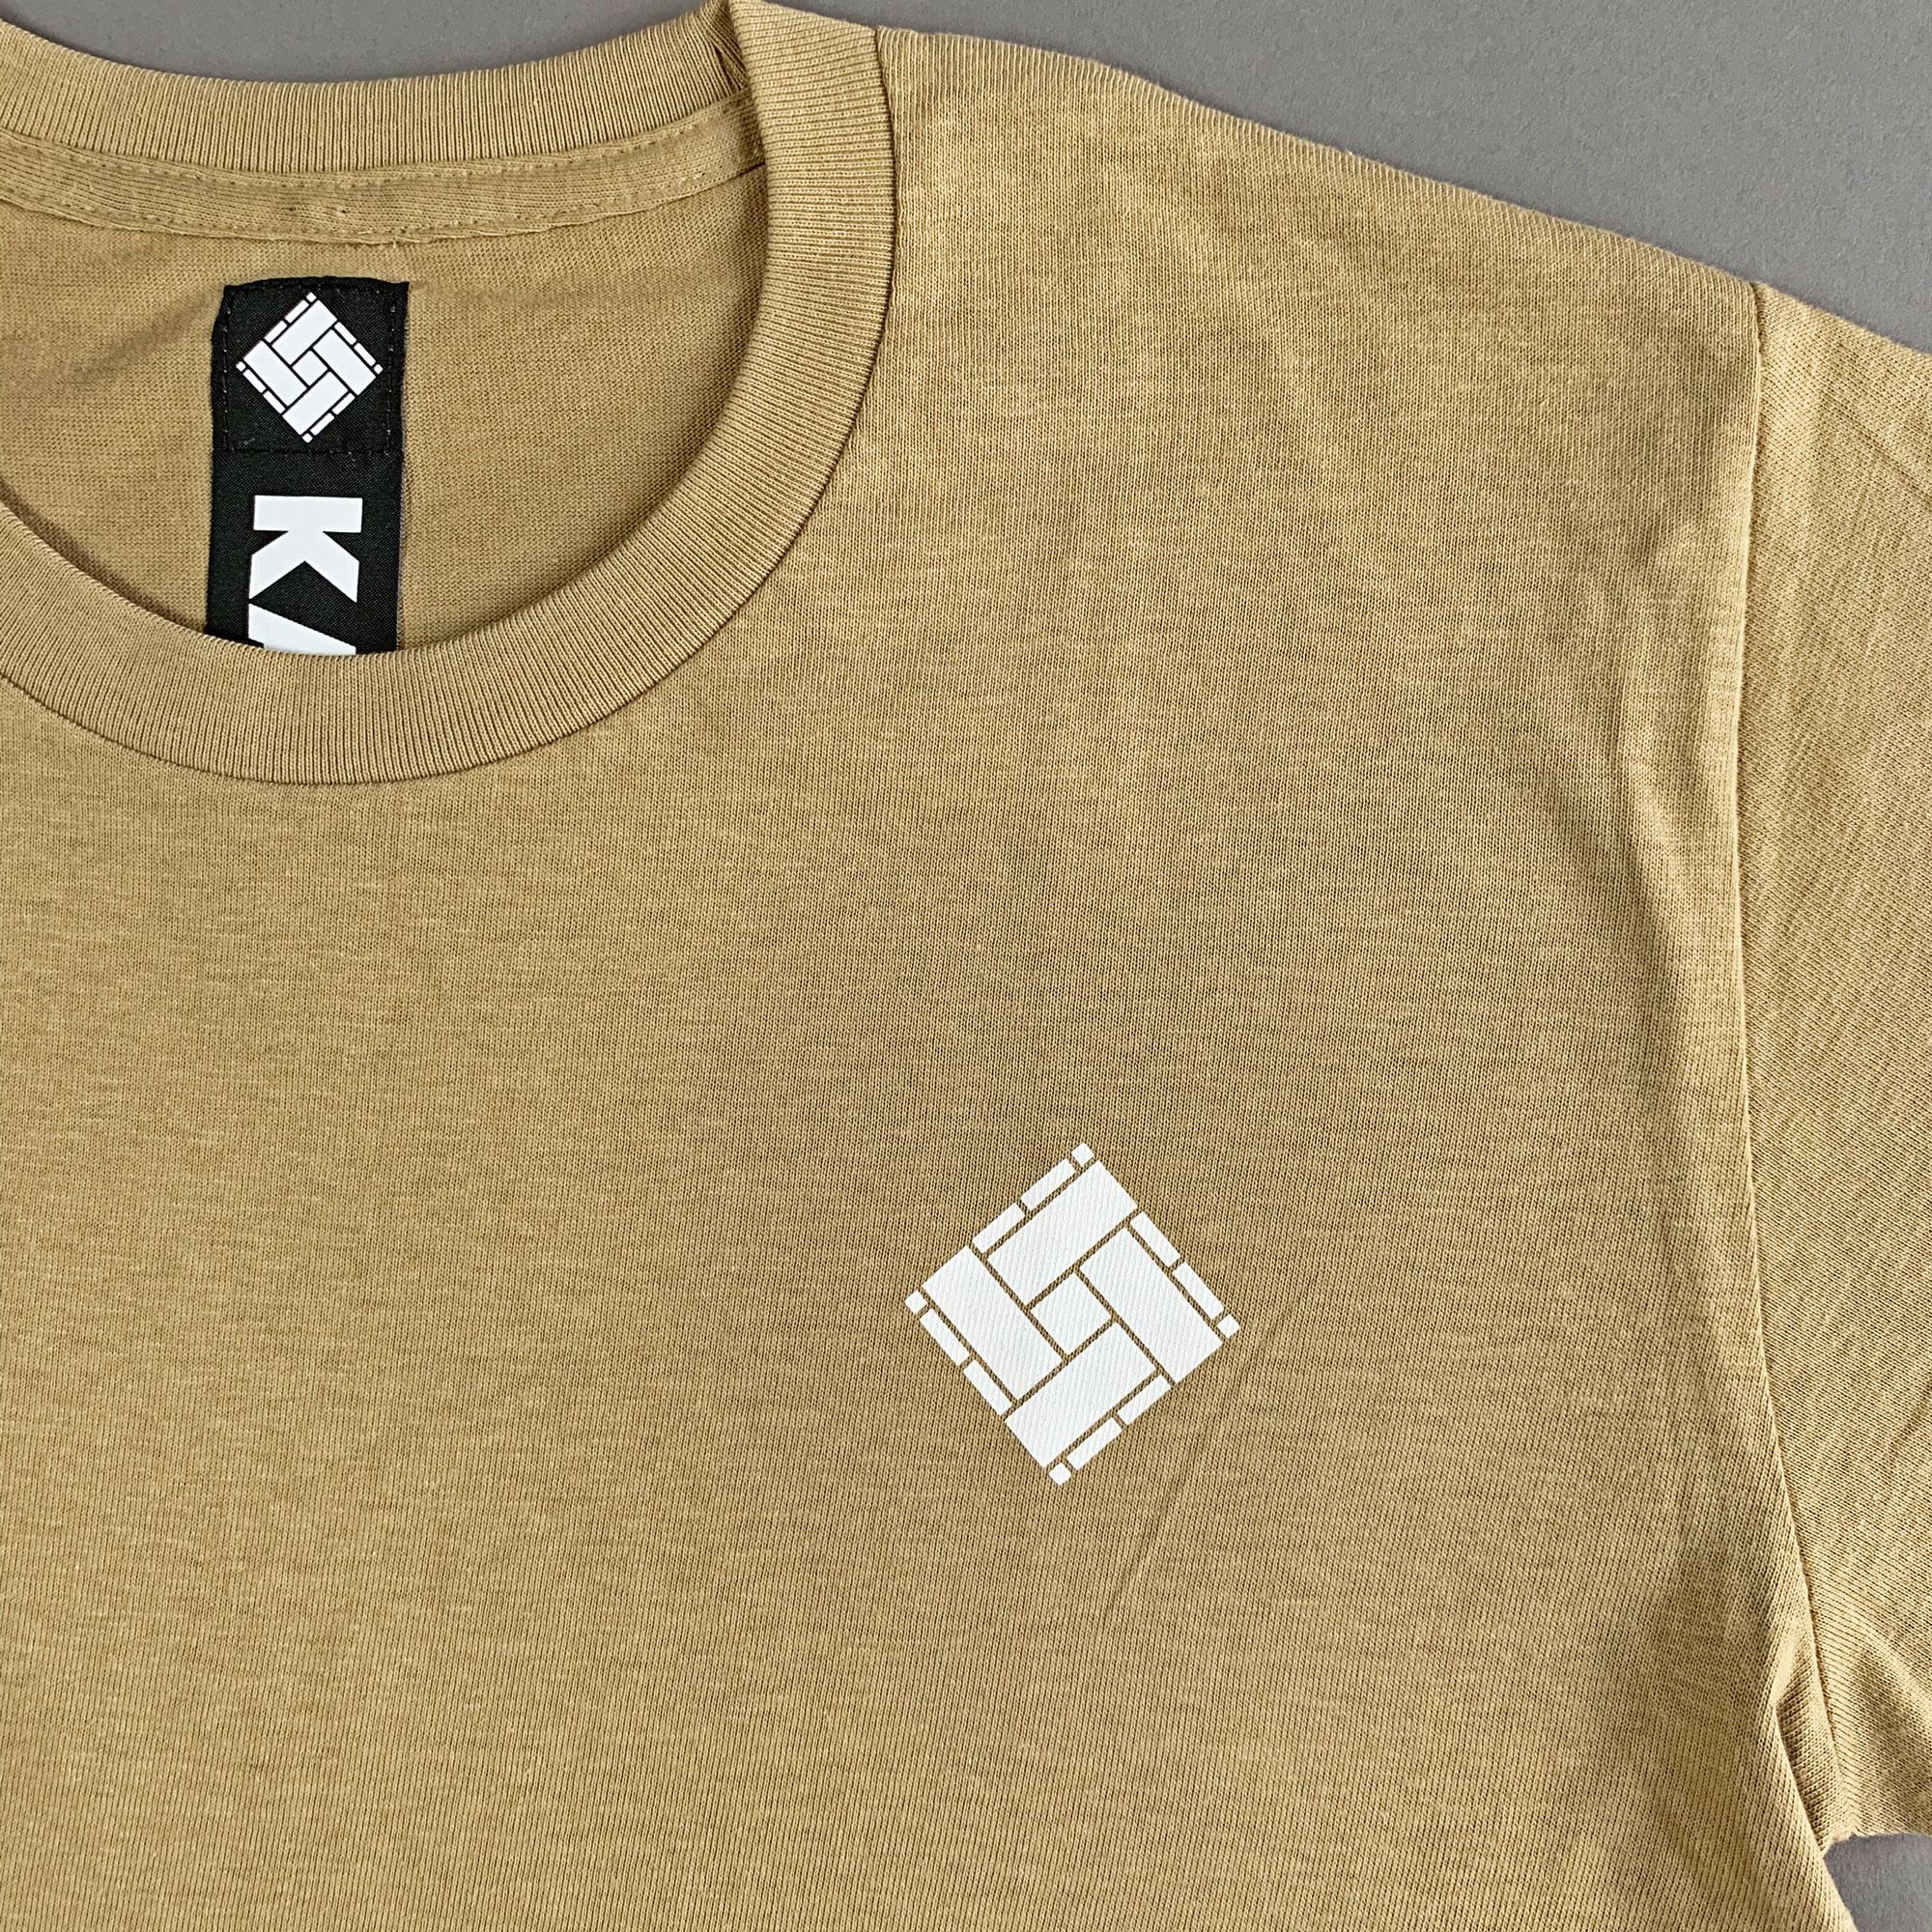 KKT-005-SKK